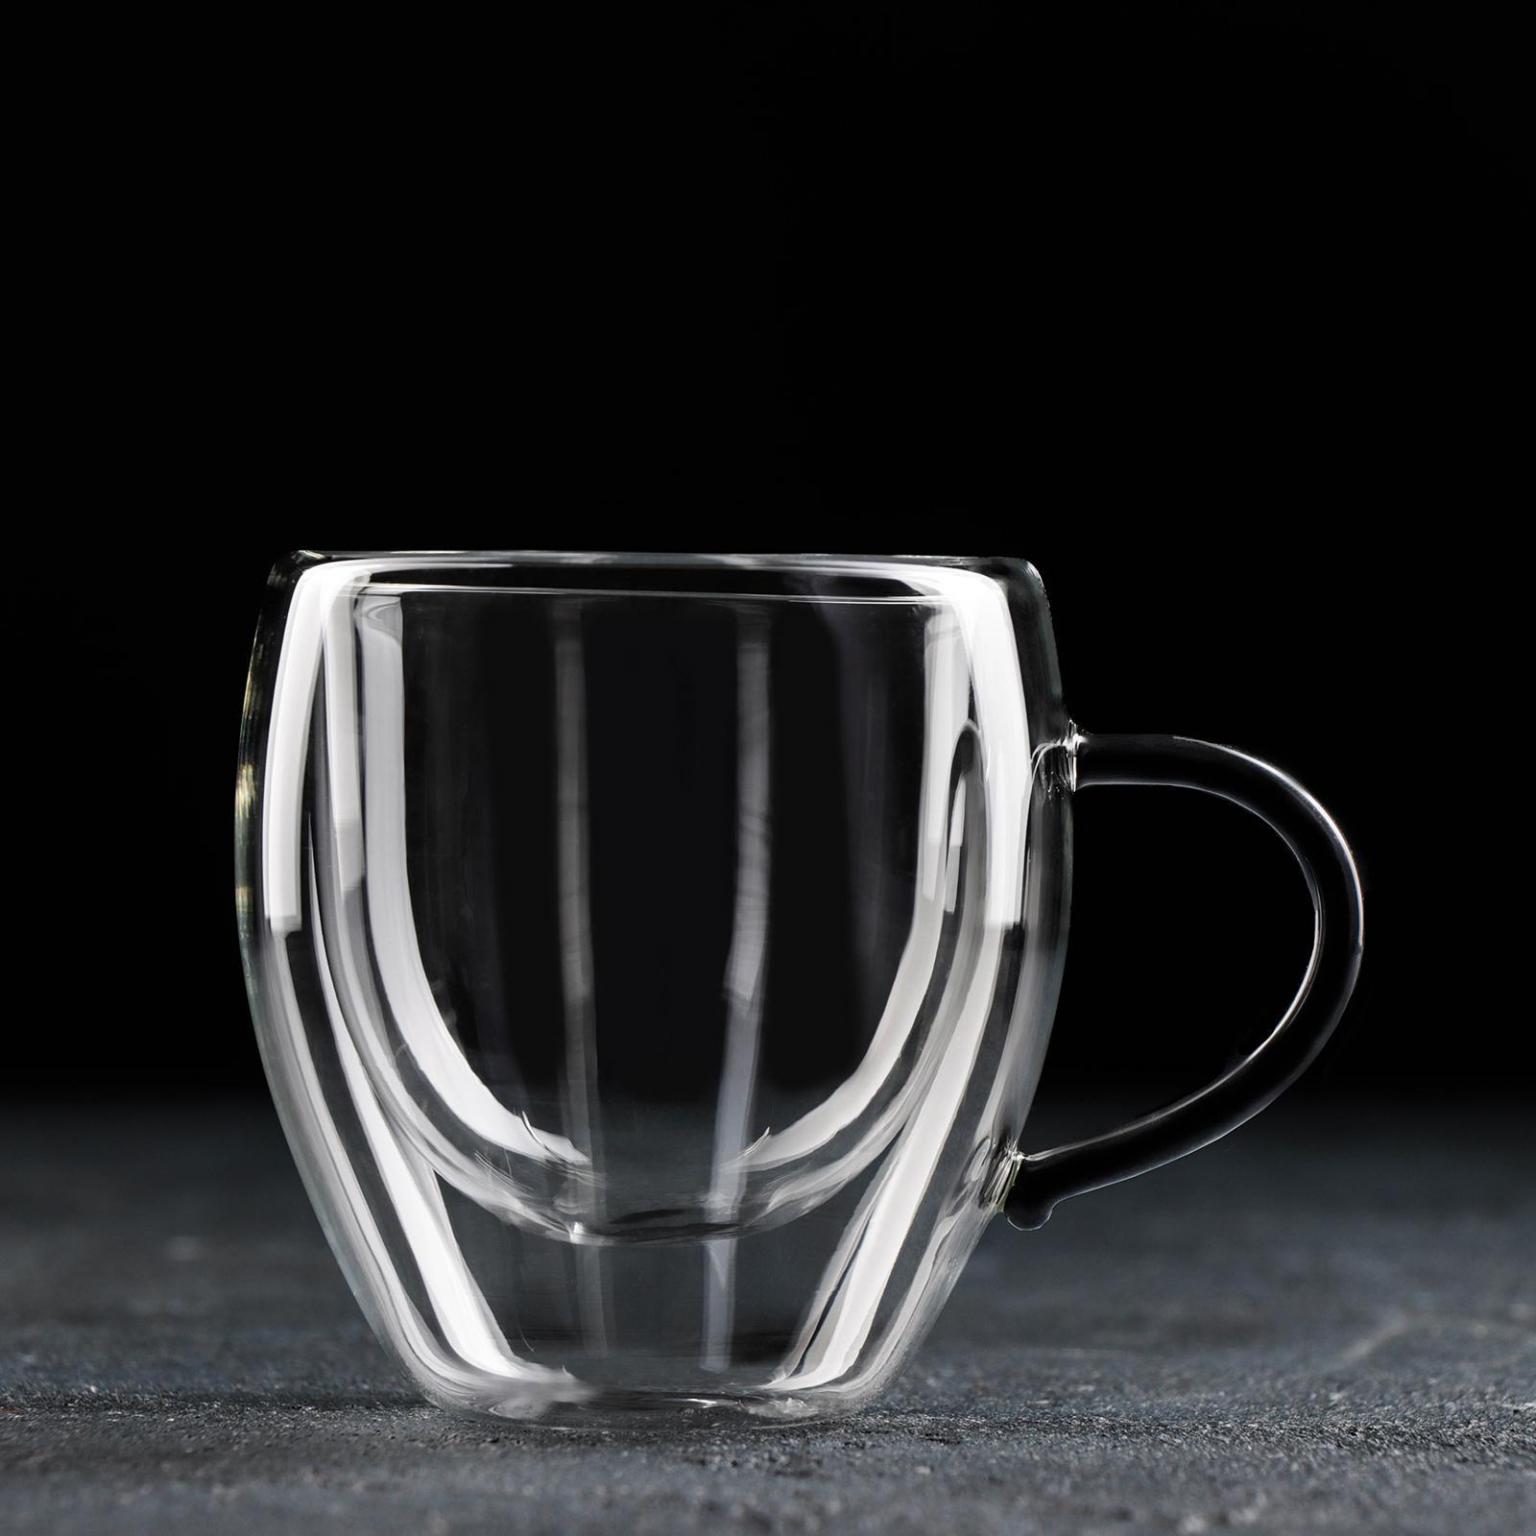 Чашка с двойными стенками Адель, 200 мл, цвет чёрный